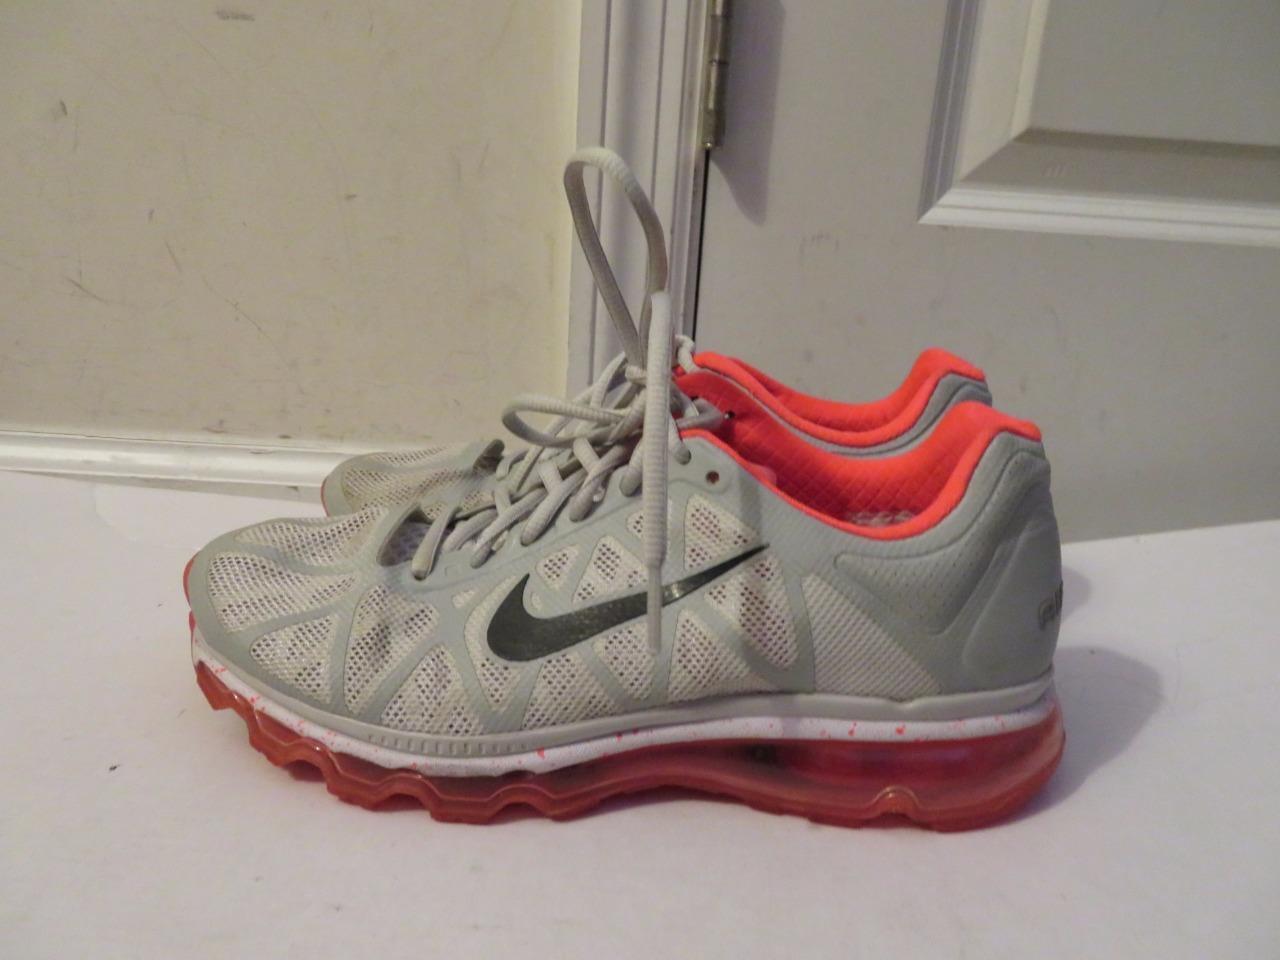 Nike Nike Nike air max donne pelle   grigio   rosa materiale scarpe taglia 8,5 | La prima serie di specifiche complete per i clienti  | Scolaro/Ragazze Scarpa  e3c42d